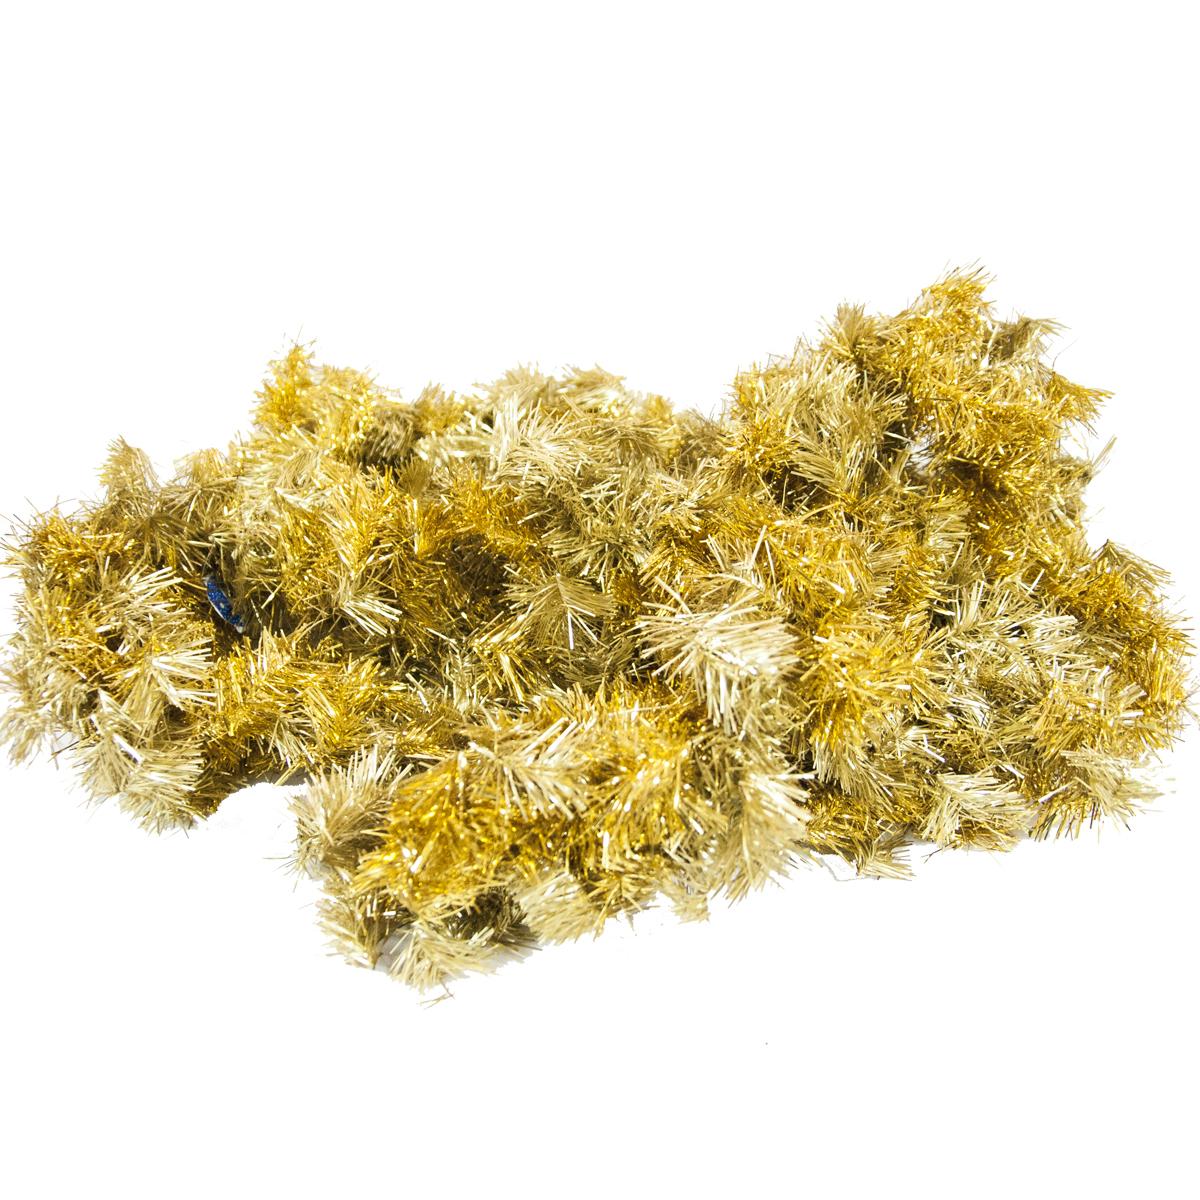 Гирлянда новогодняя хвойная Moranduzzo, цвет: золотистый, диаметр 20 см, длина 275 см121204500Гирлянда хвойная 20см/275см, цв.золото блеск/матовый Moranduzzo